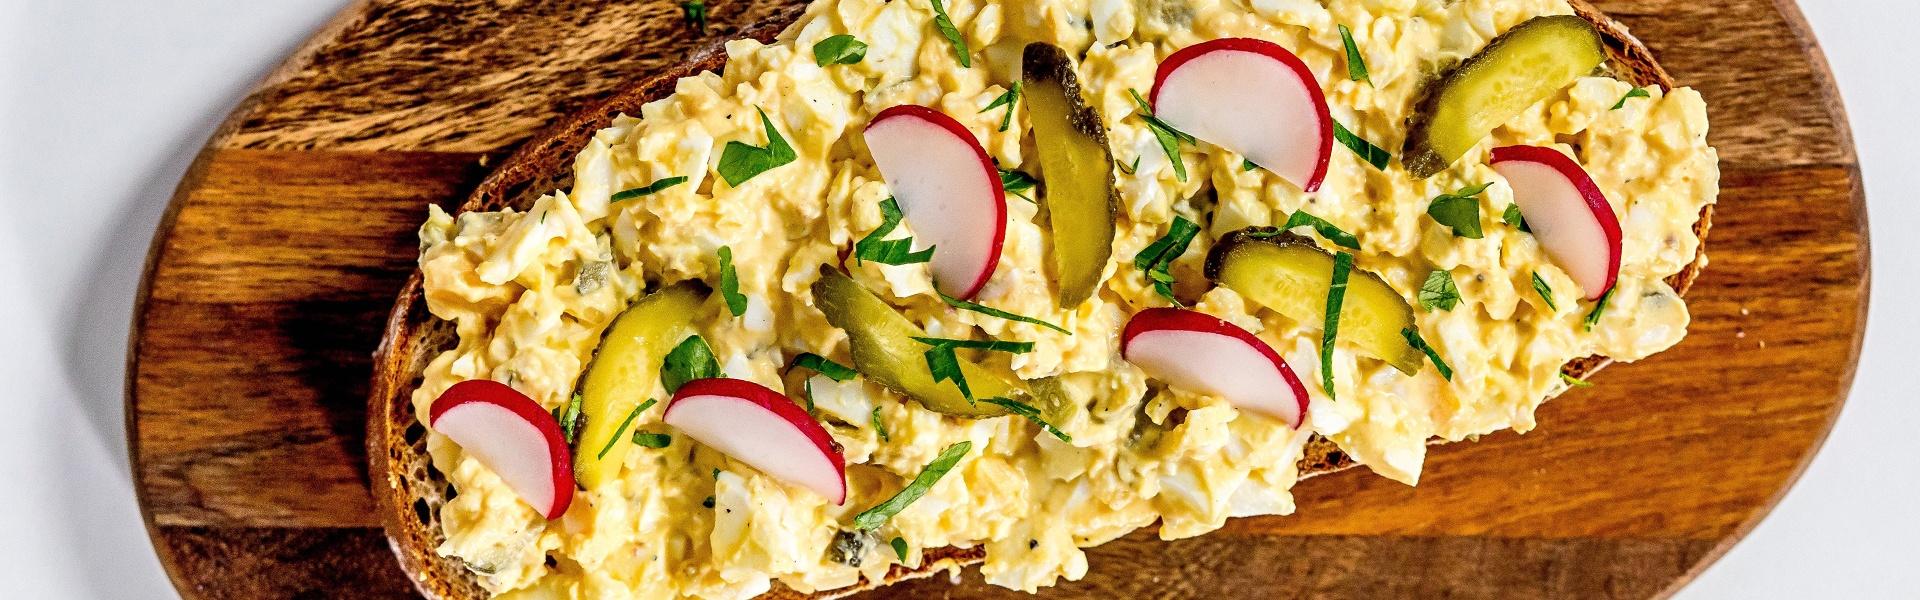 Co s vajíčky, která vám zbyla po Velikonocích a jak dlouho vydrží uvařené vejce?